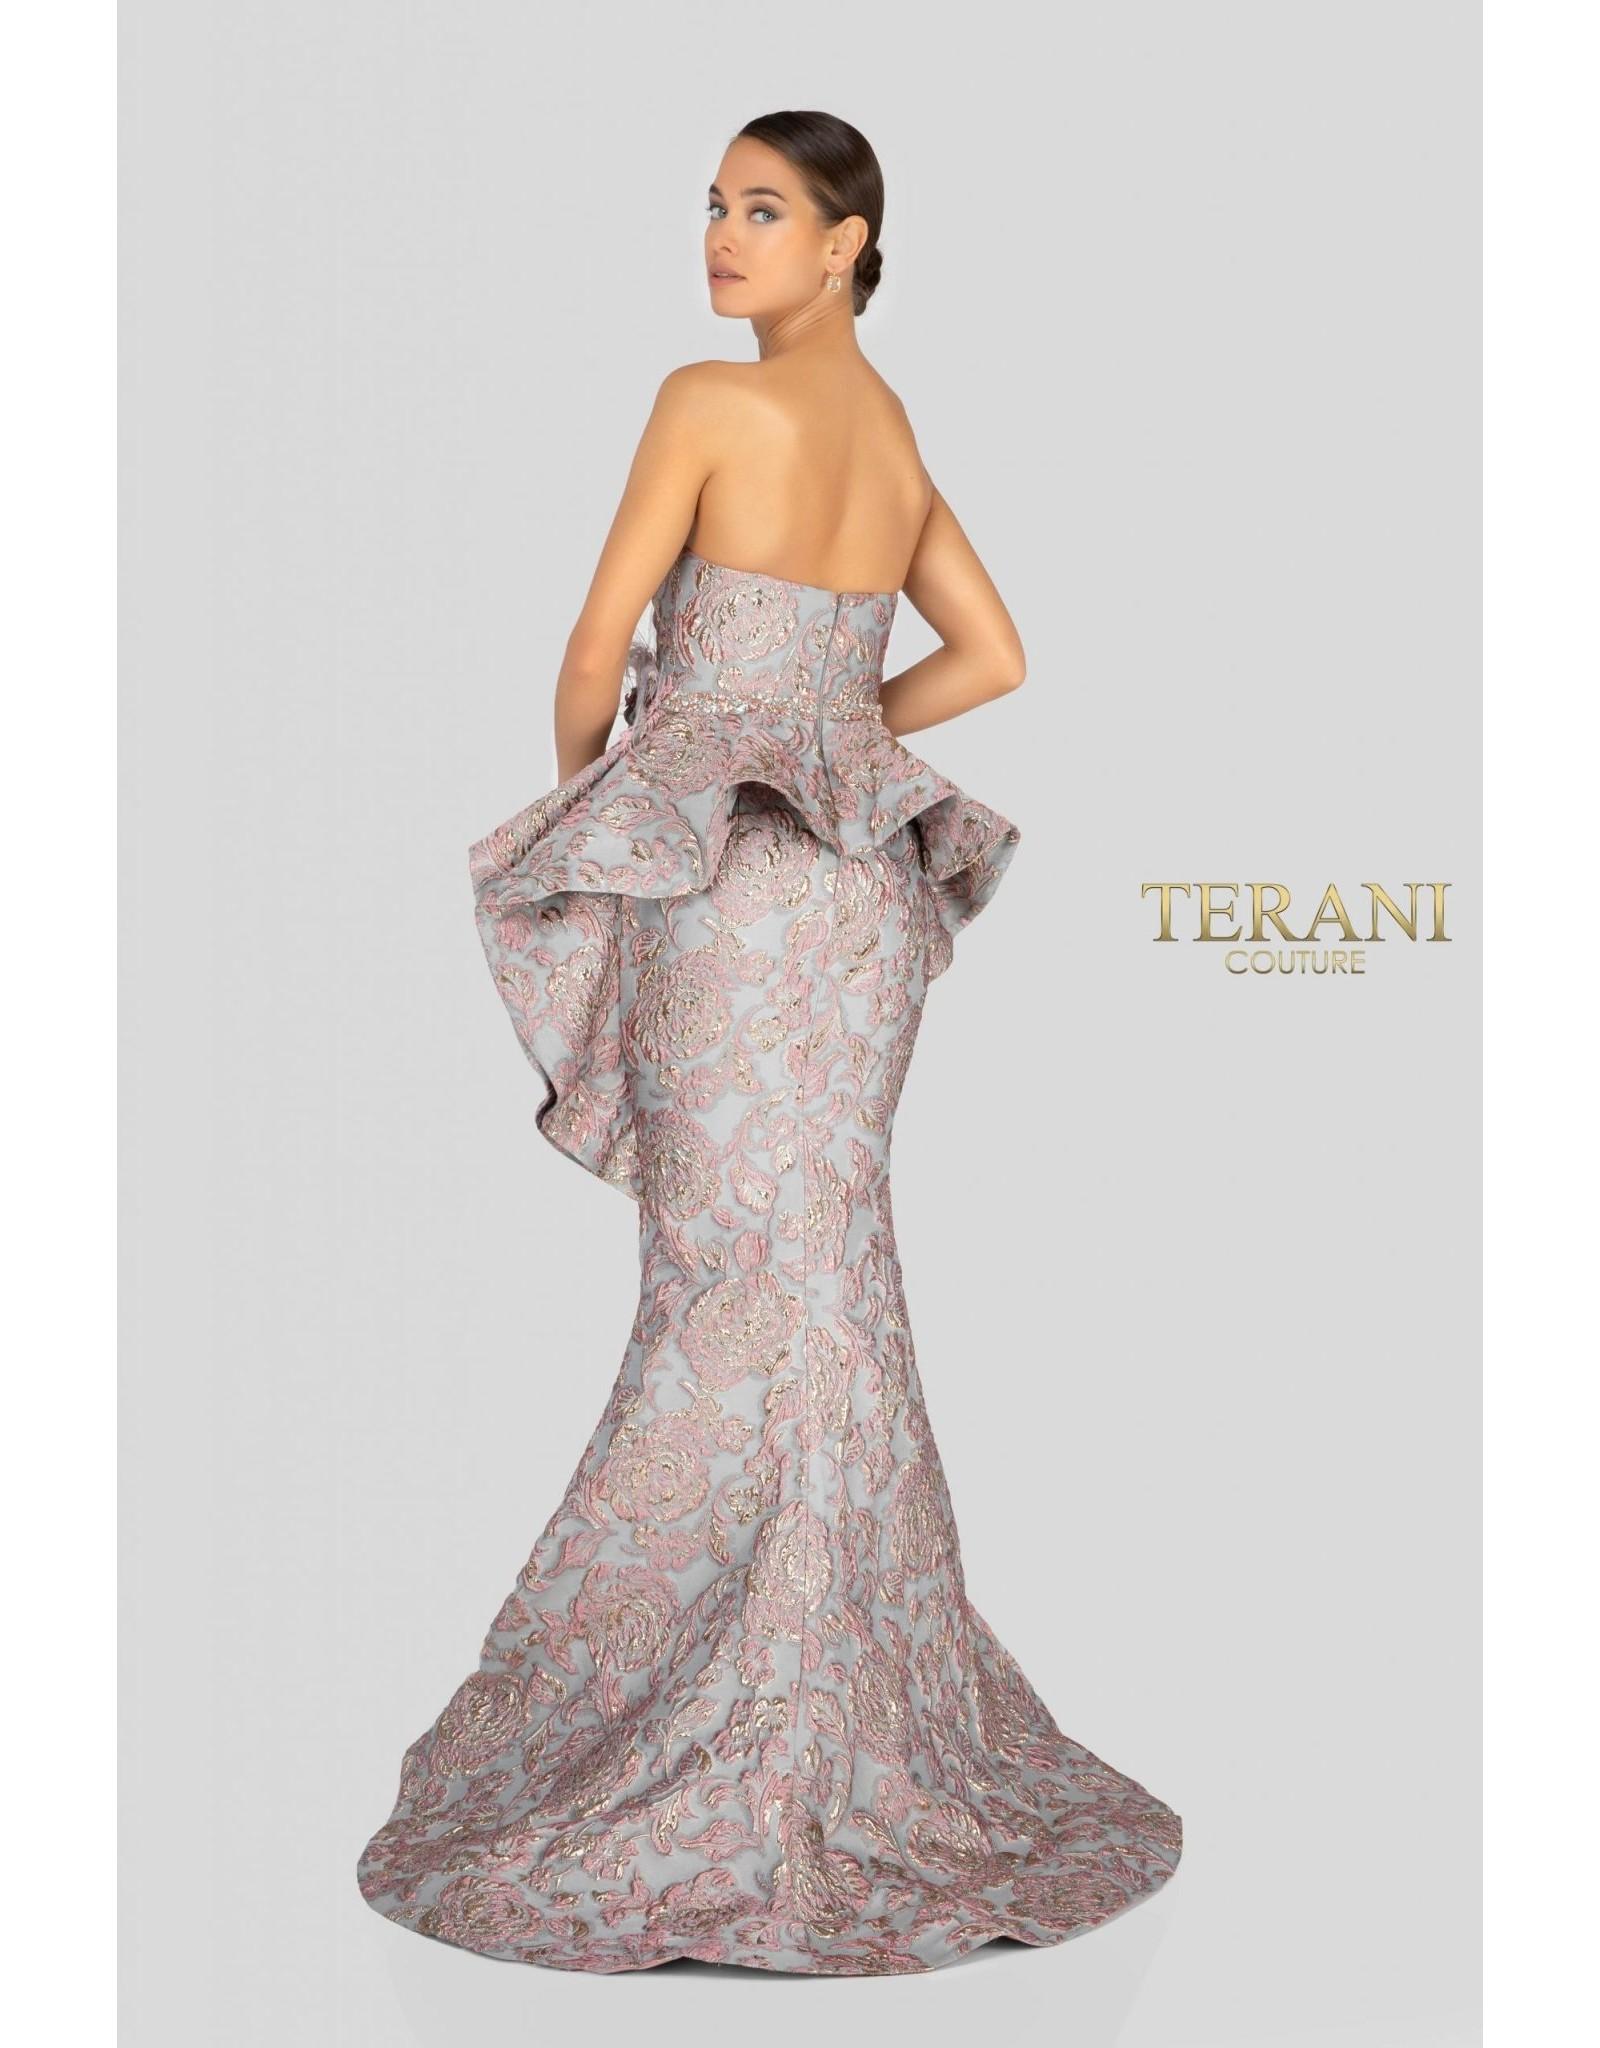 Terani 1911E9613 Terani Dresses